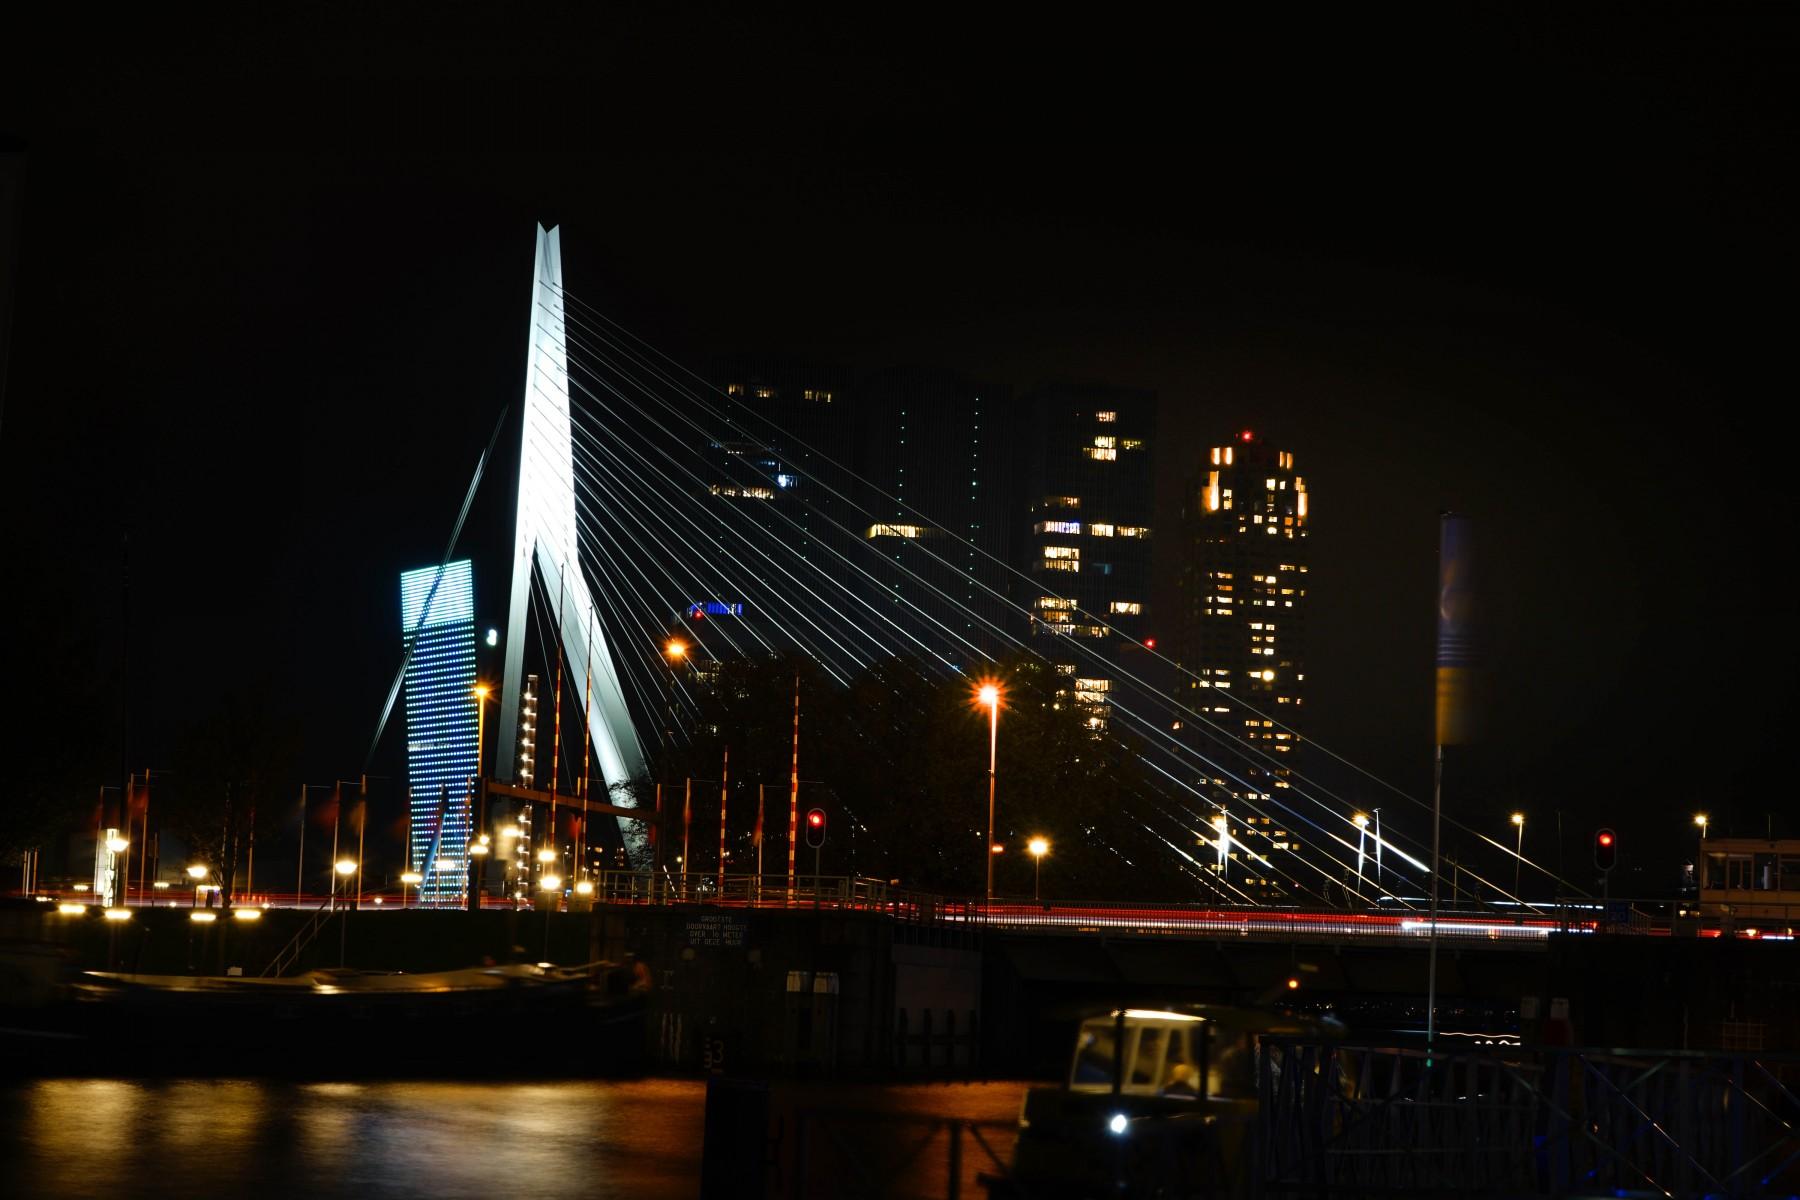 005-nachtfotografie-rotterdam-ruud